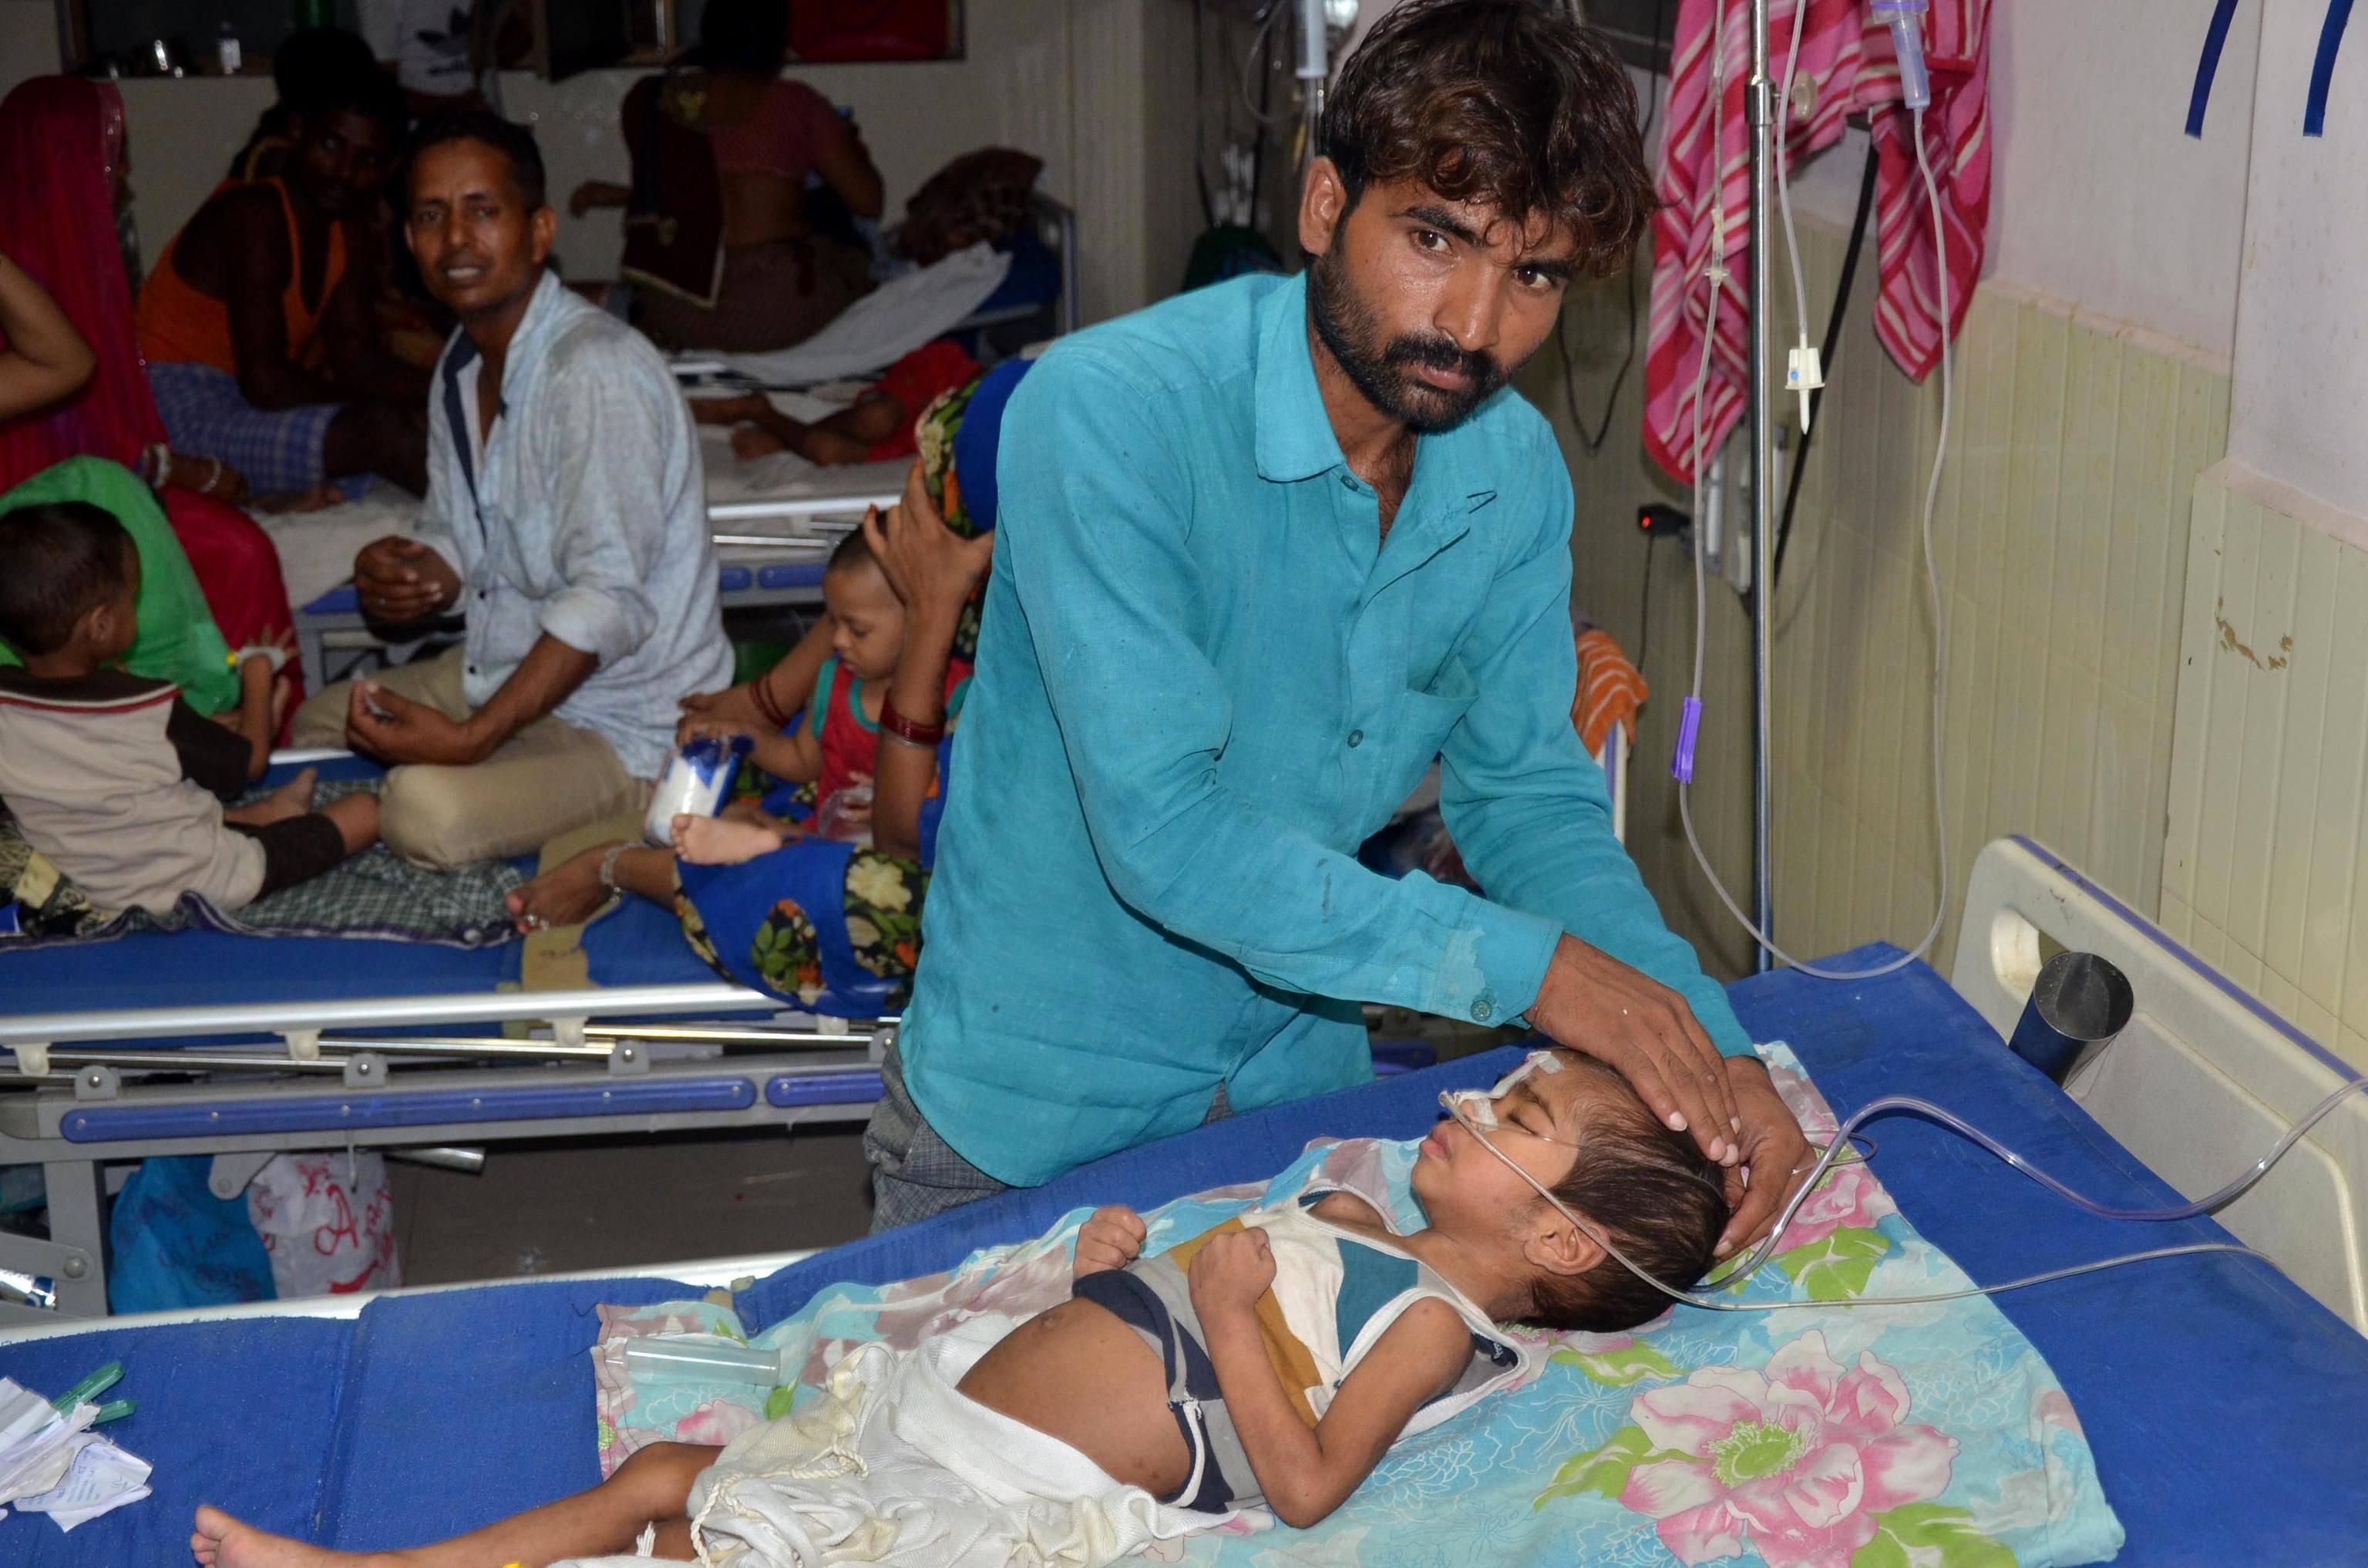 India, muoiono 61 neonati in ospedale